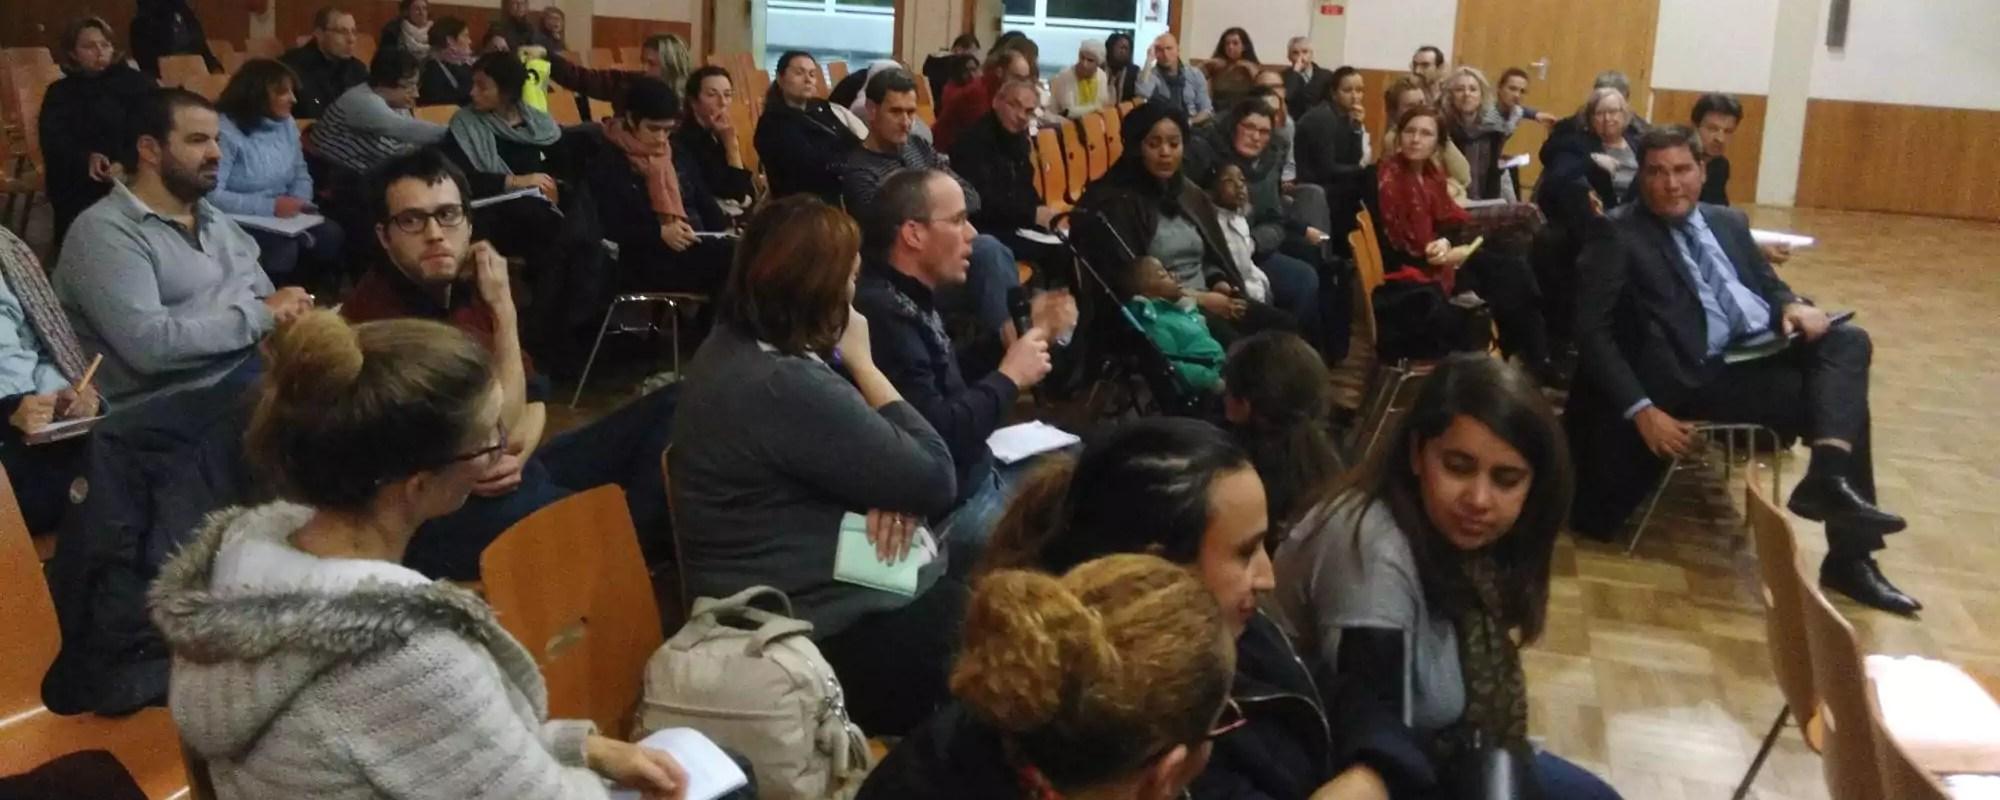 Cantines scolaires: Strasbourg promet aux parents d'élèves la fin des barquettes en plastique